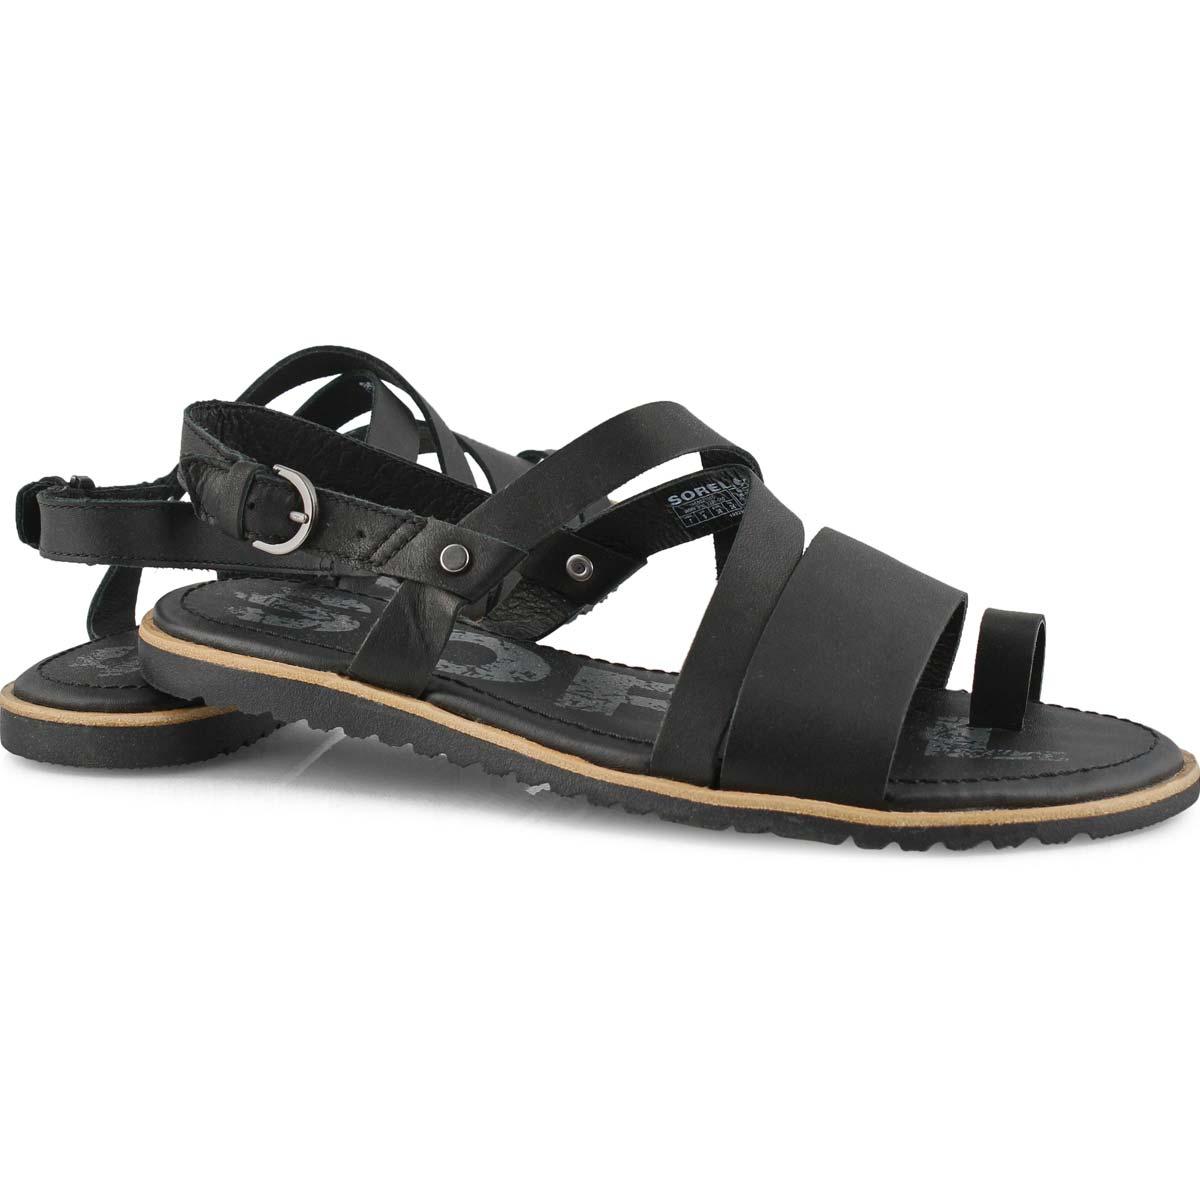 Women's ELLA CRISS CROSS black casual sandals